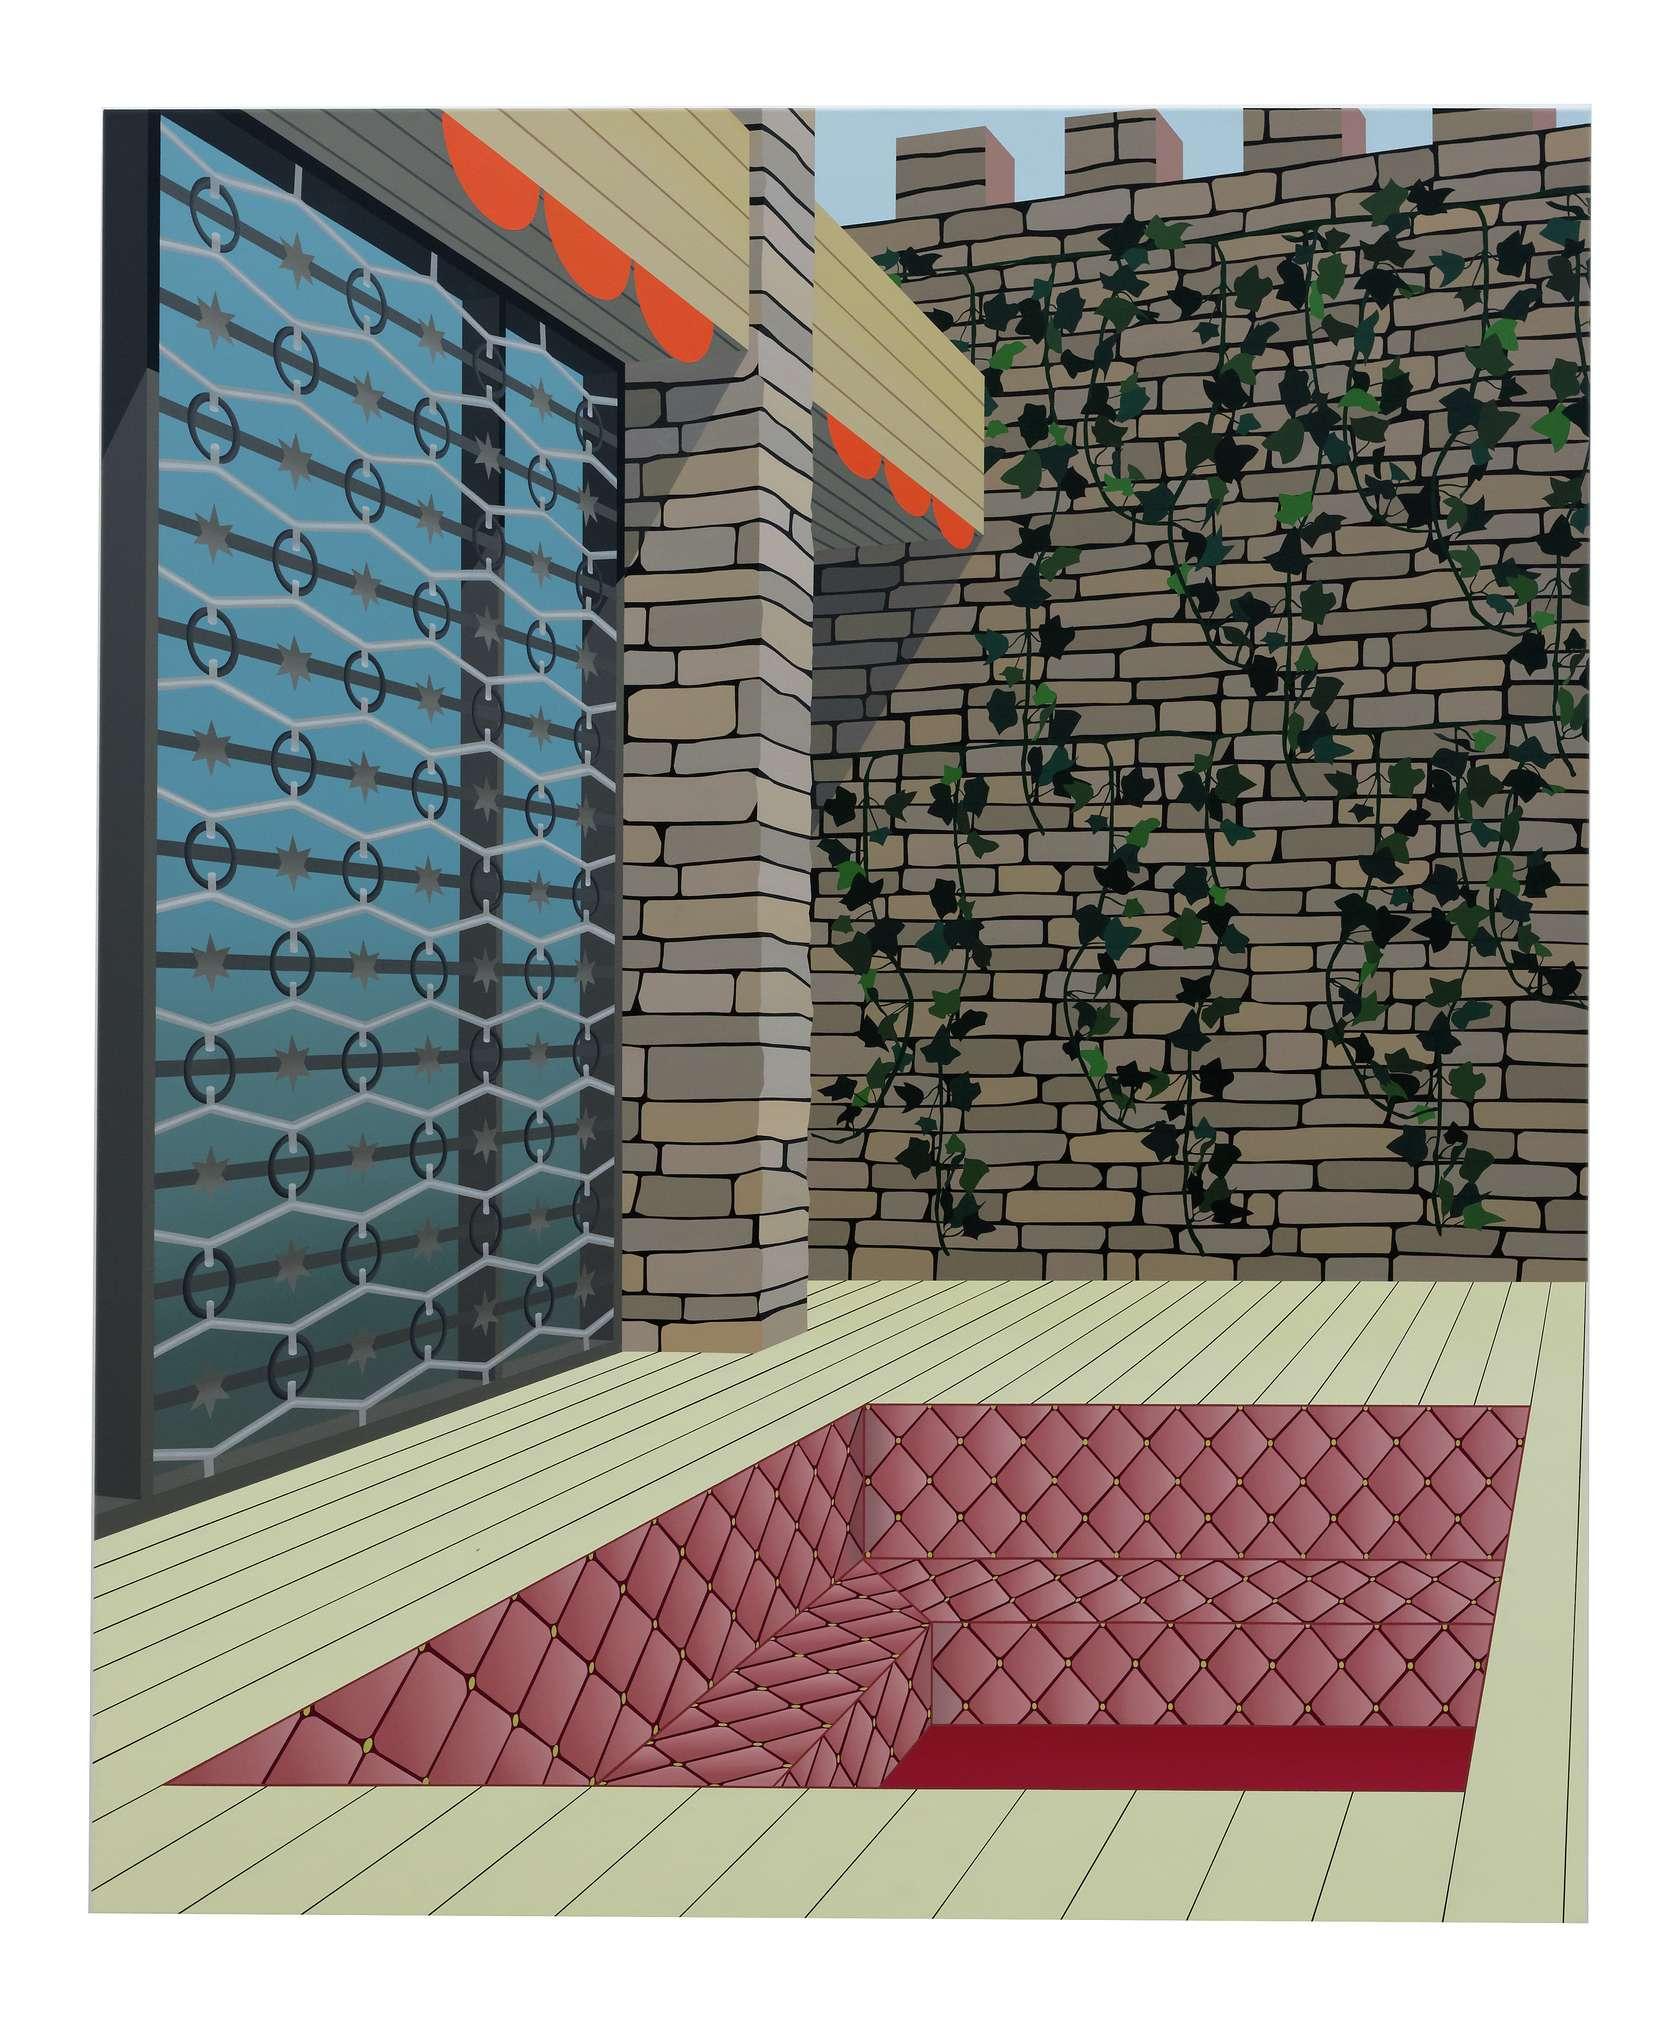 Amélie Bertrand, Sans titre, 2012 Huile sur toile170 × 140 cm / 66 7/8 × 55 1/8 in.